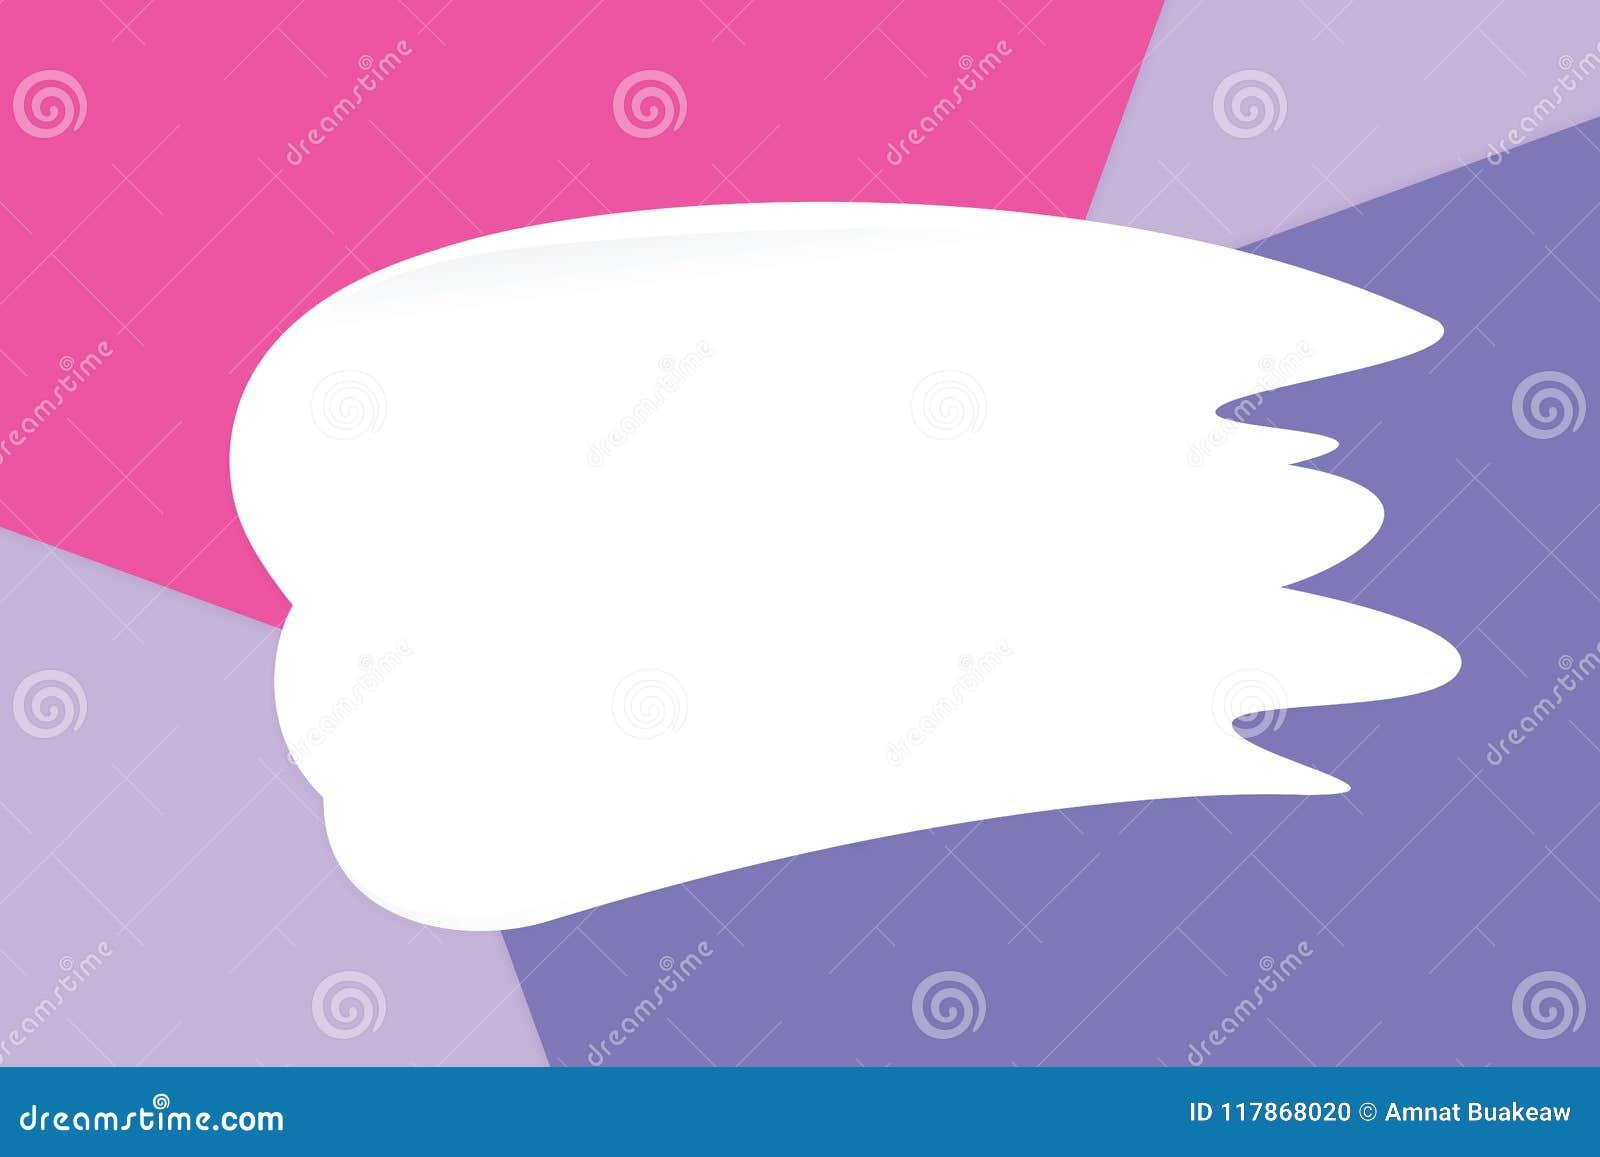 Weiße Abstrichcreme auf bunten weichen Papierhintergrundpastellkosmetik für Kopie sperren Mitteilung, minimale Ebenenlageart